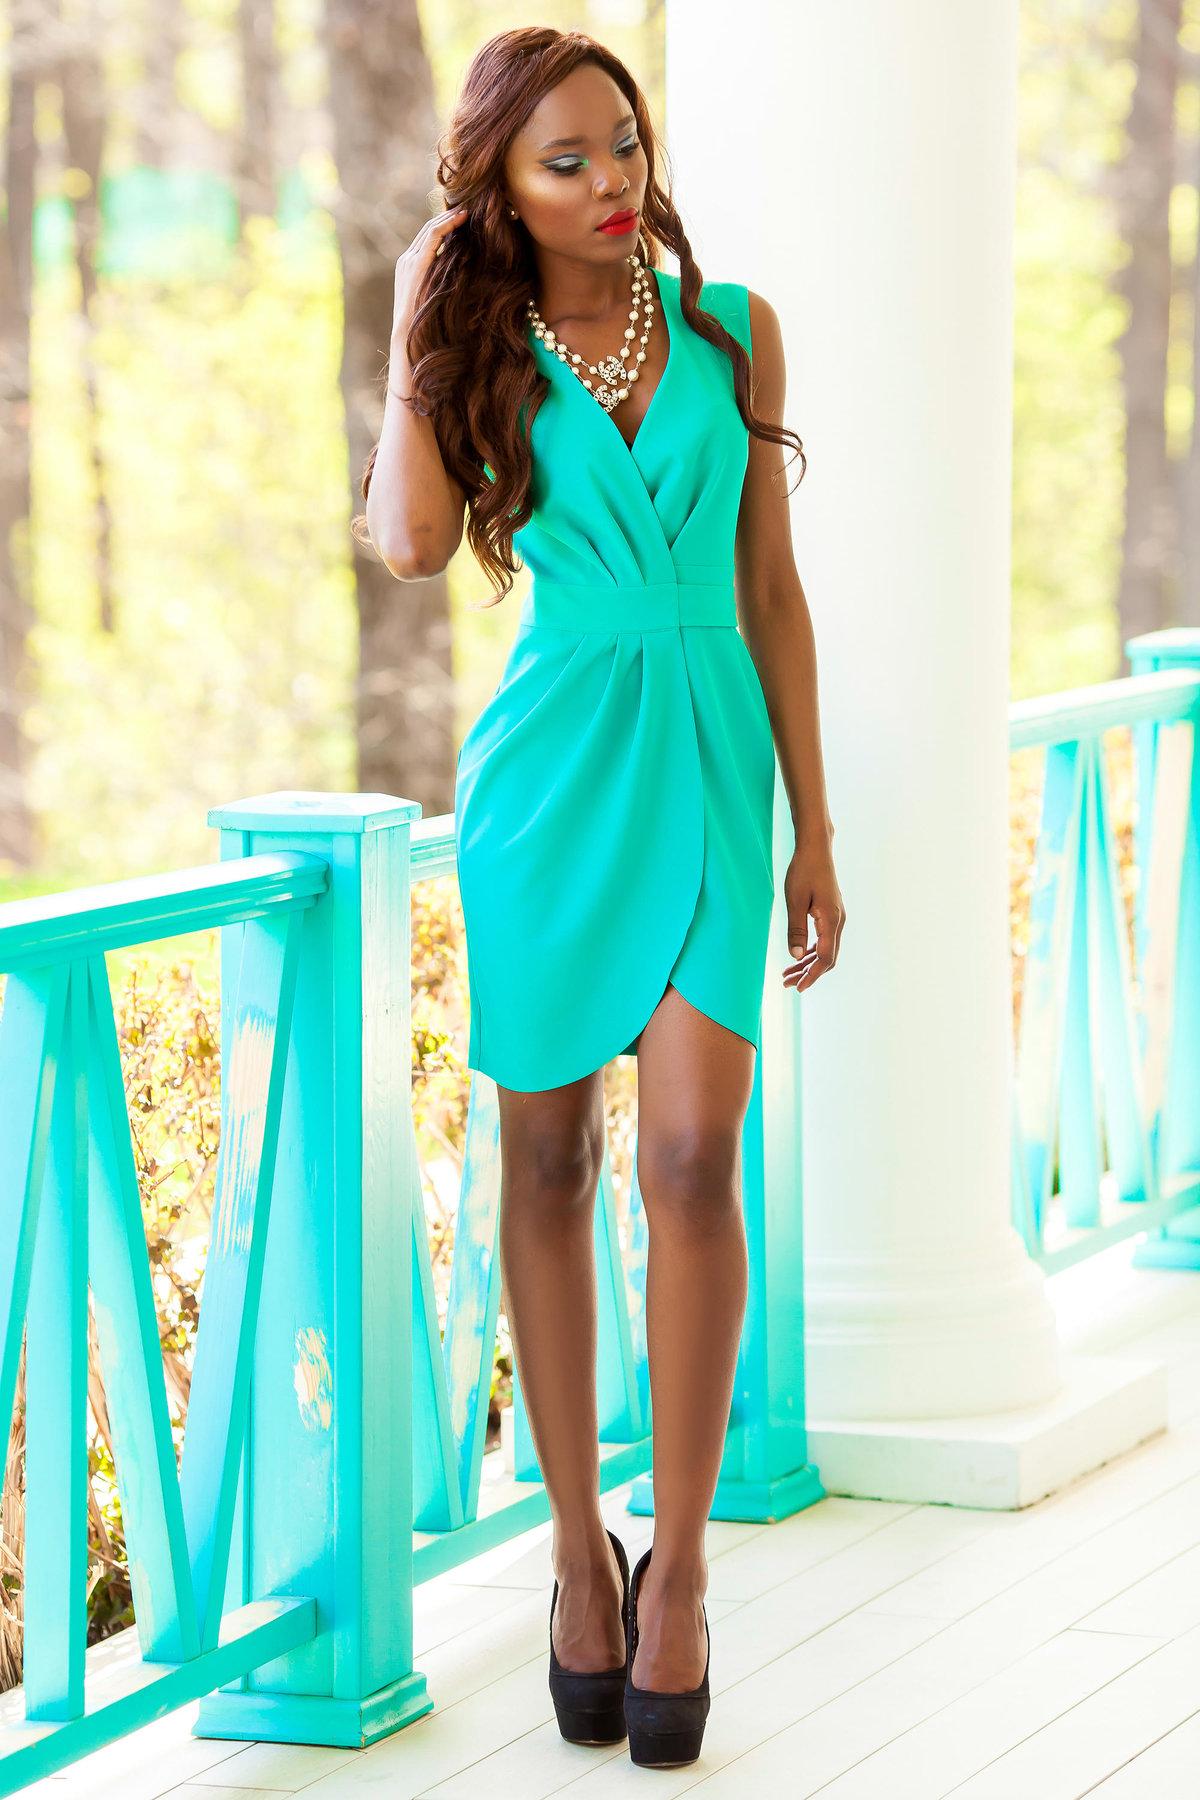 еще можете картинки красивые платья бирюзового цвета изображения каталоге